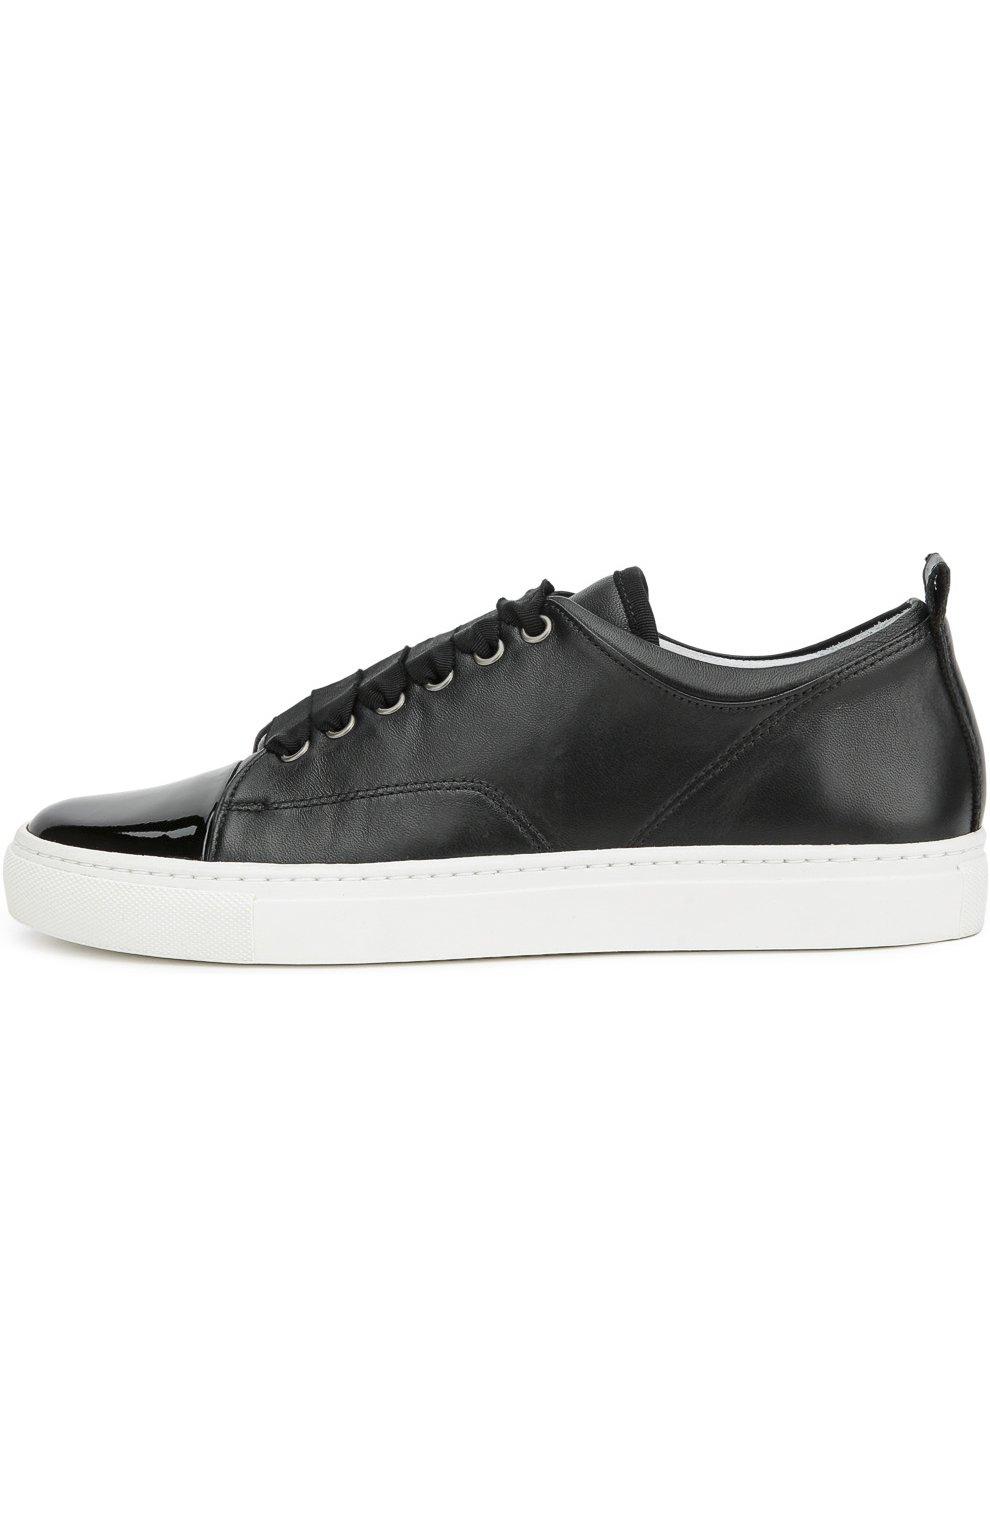 Женские черные кожаные кеды с лаковым мысом LANVIN — купить за 36550 ... 3842aef11ce